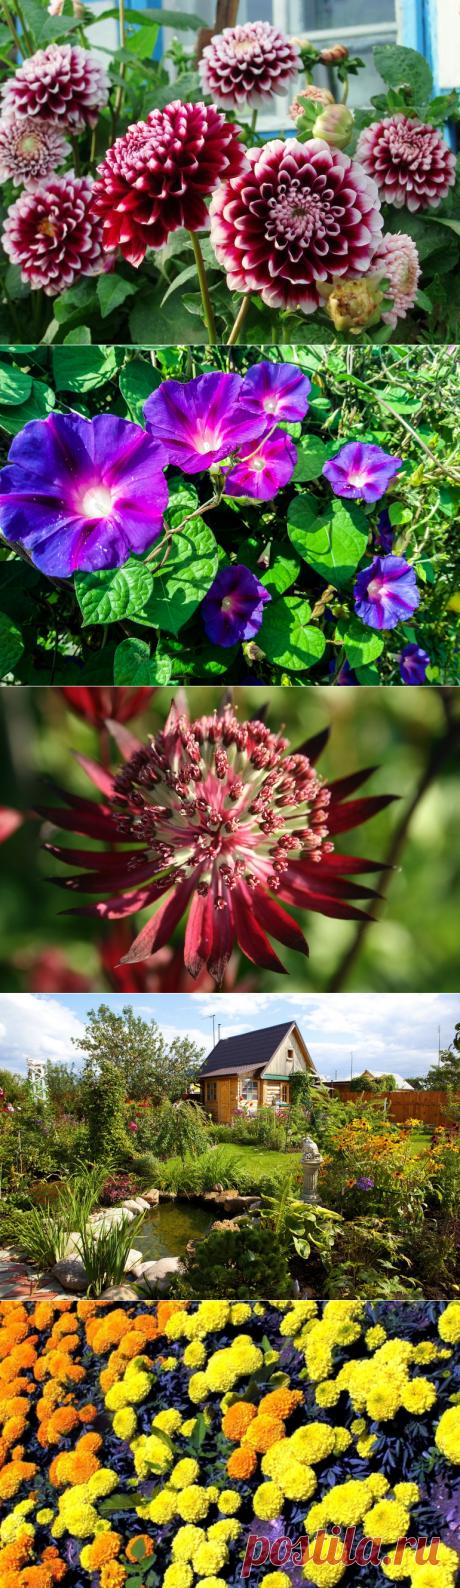 Что посадить на даче с минимумом ухода: варианты растений для красивого дизайна садовых участков